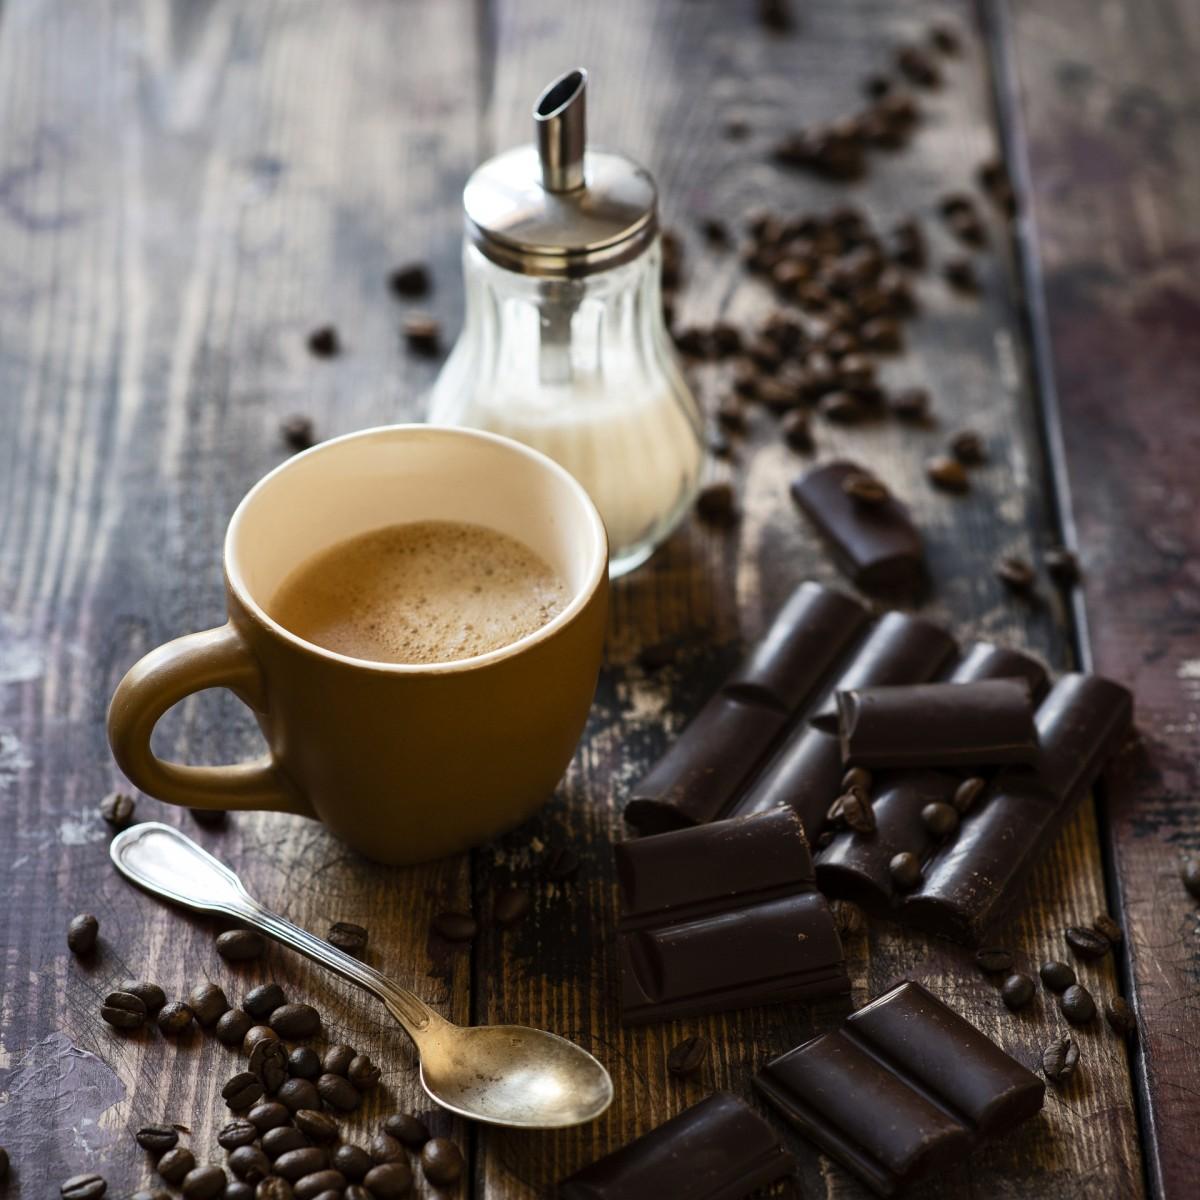 O quebra-cabeça Recolher o quebra-cabeças on-line - Coffee and chocolate